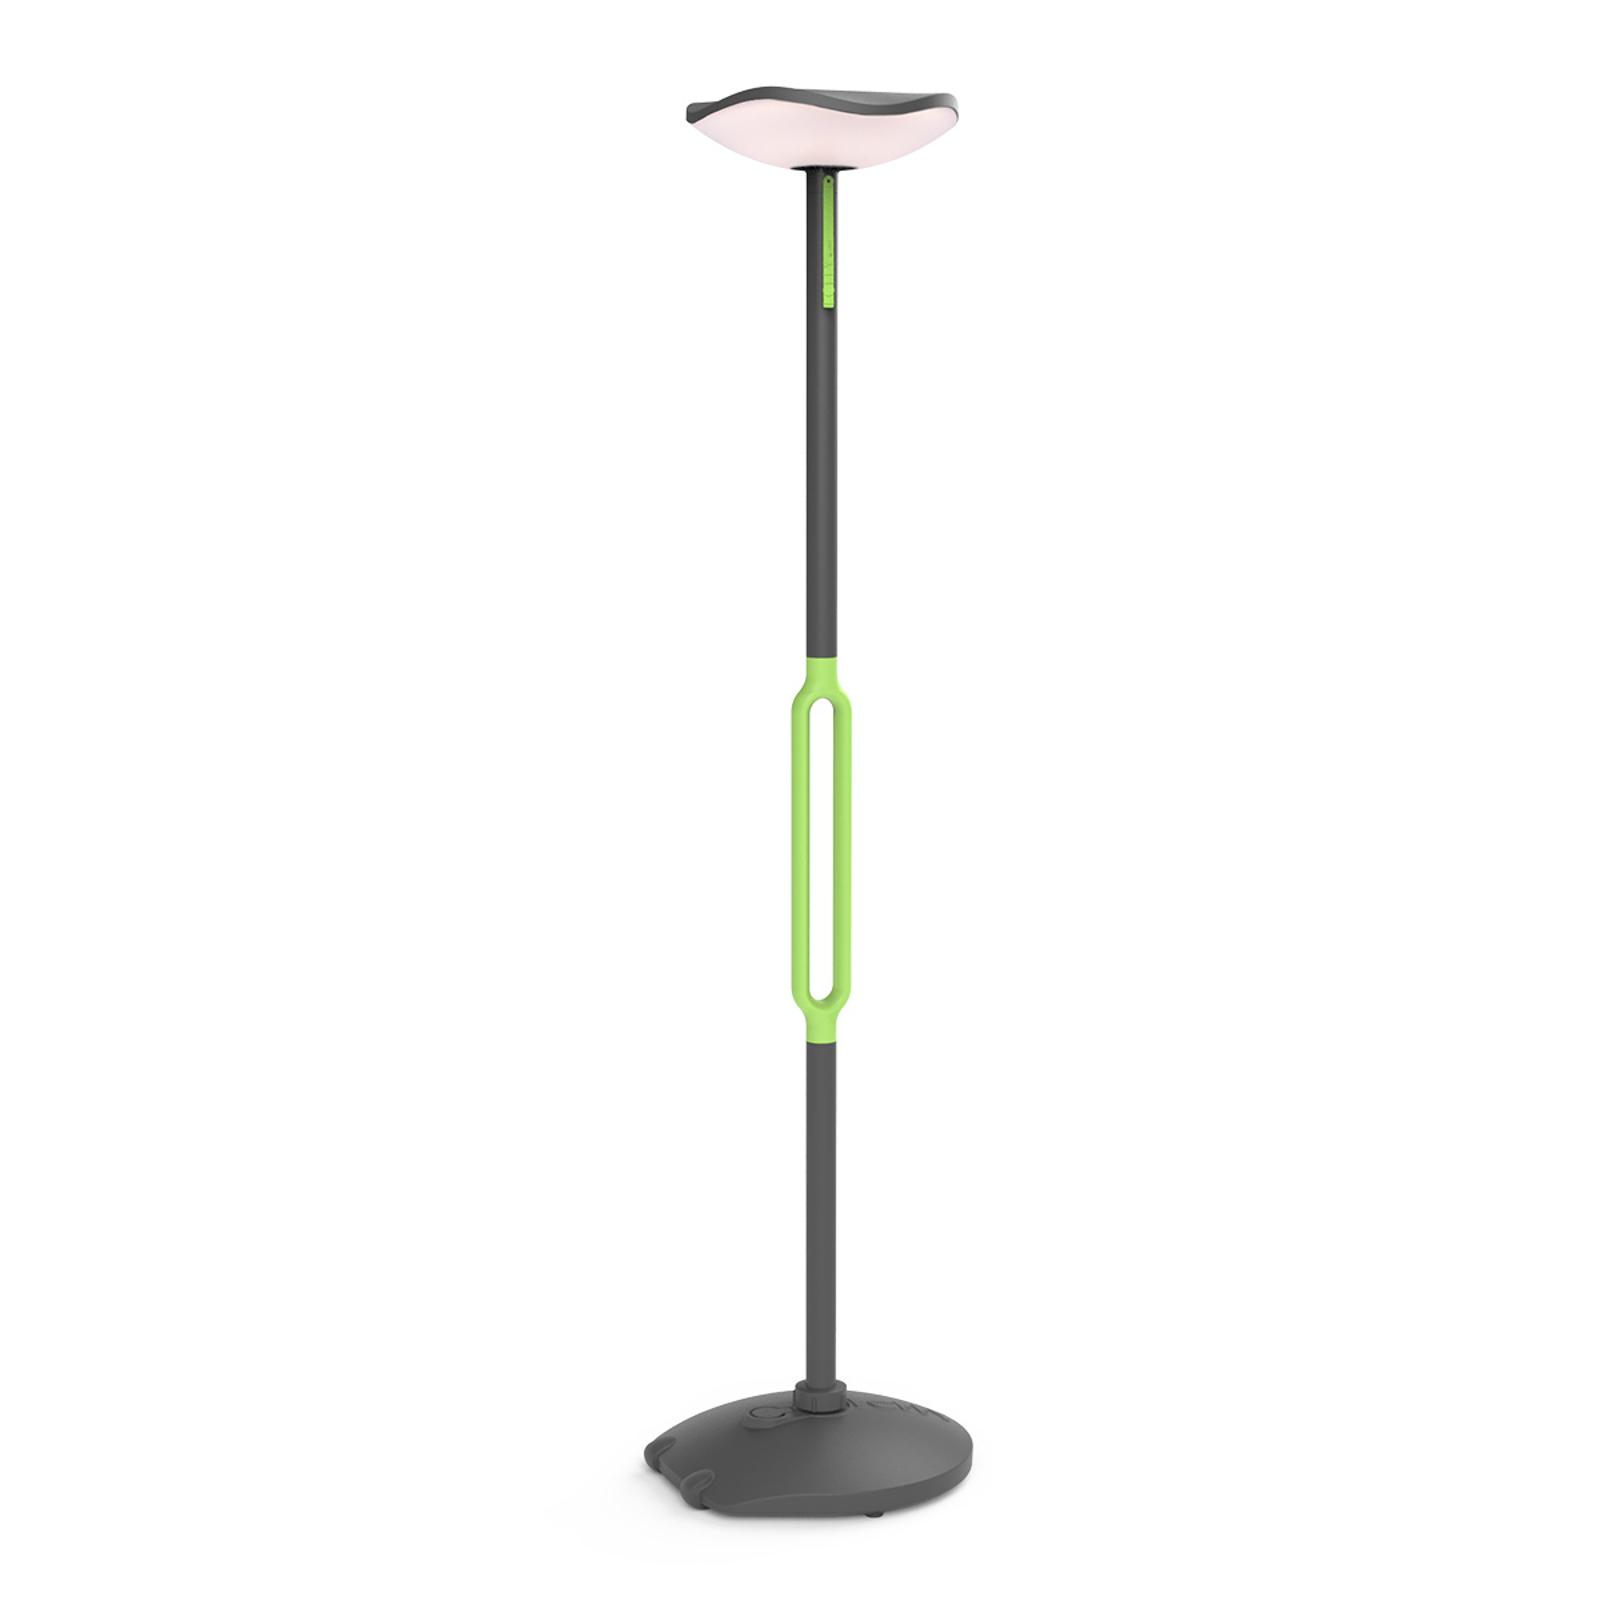 Poppy lampadaire solaire LED avec haut-parleur 3W